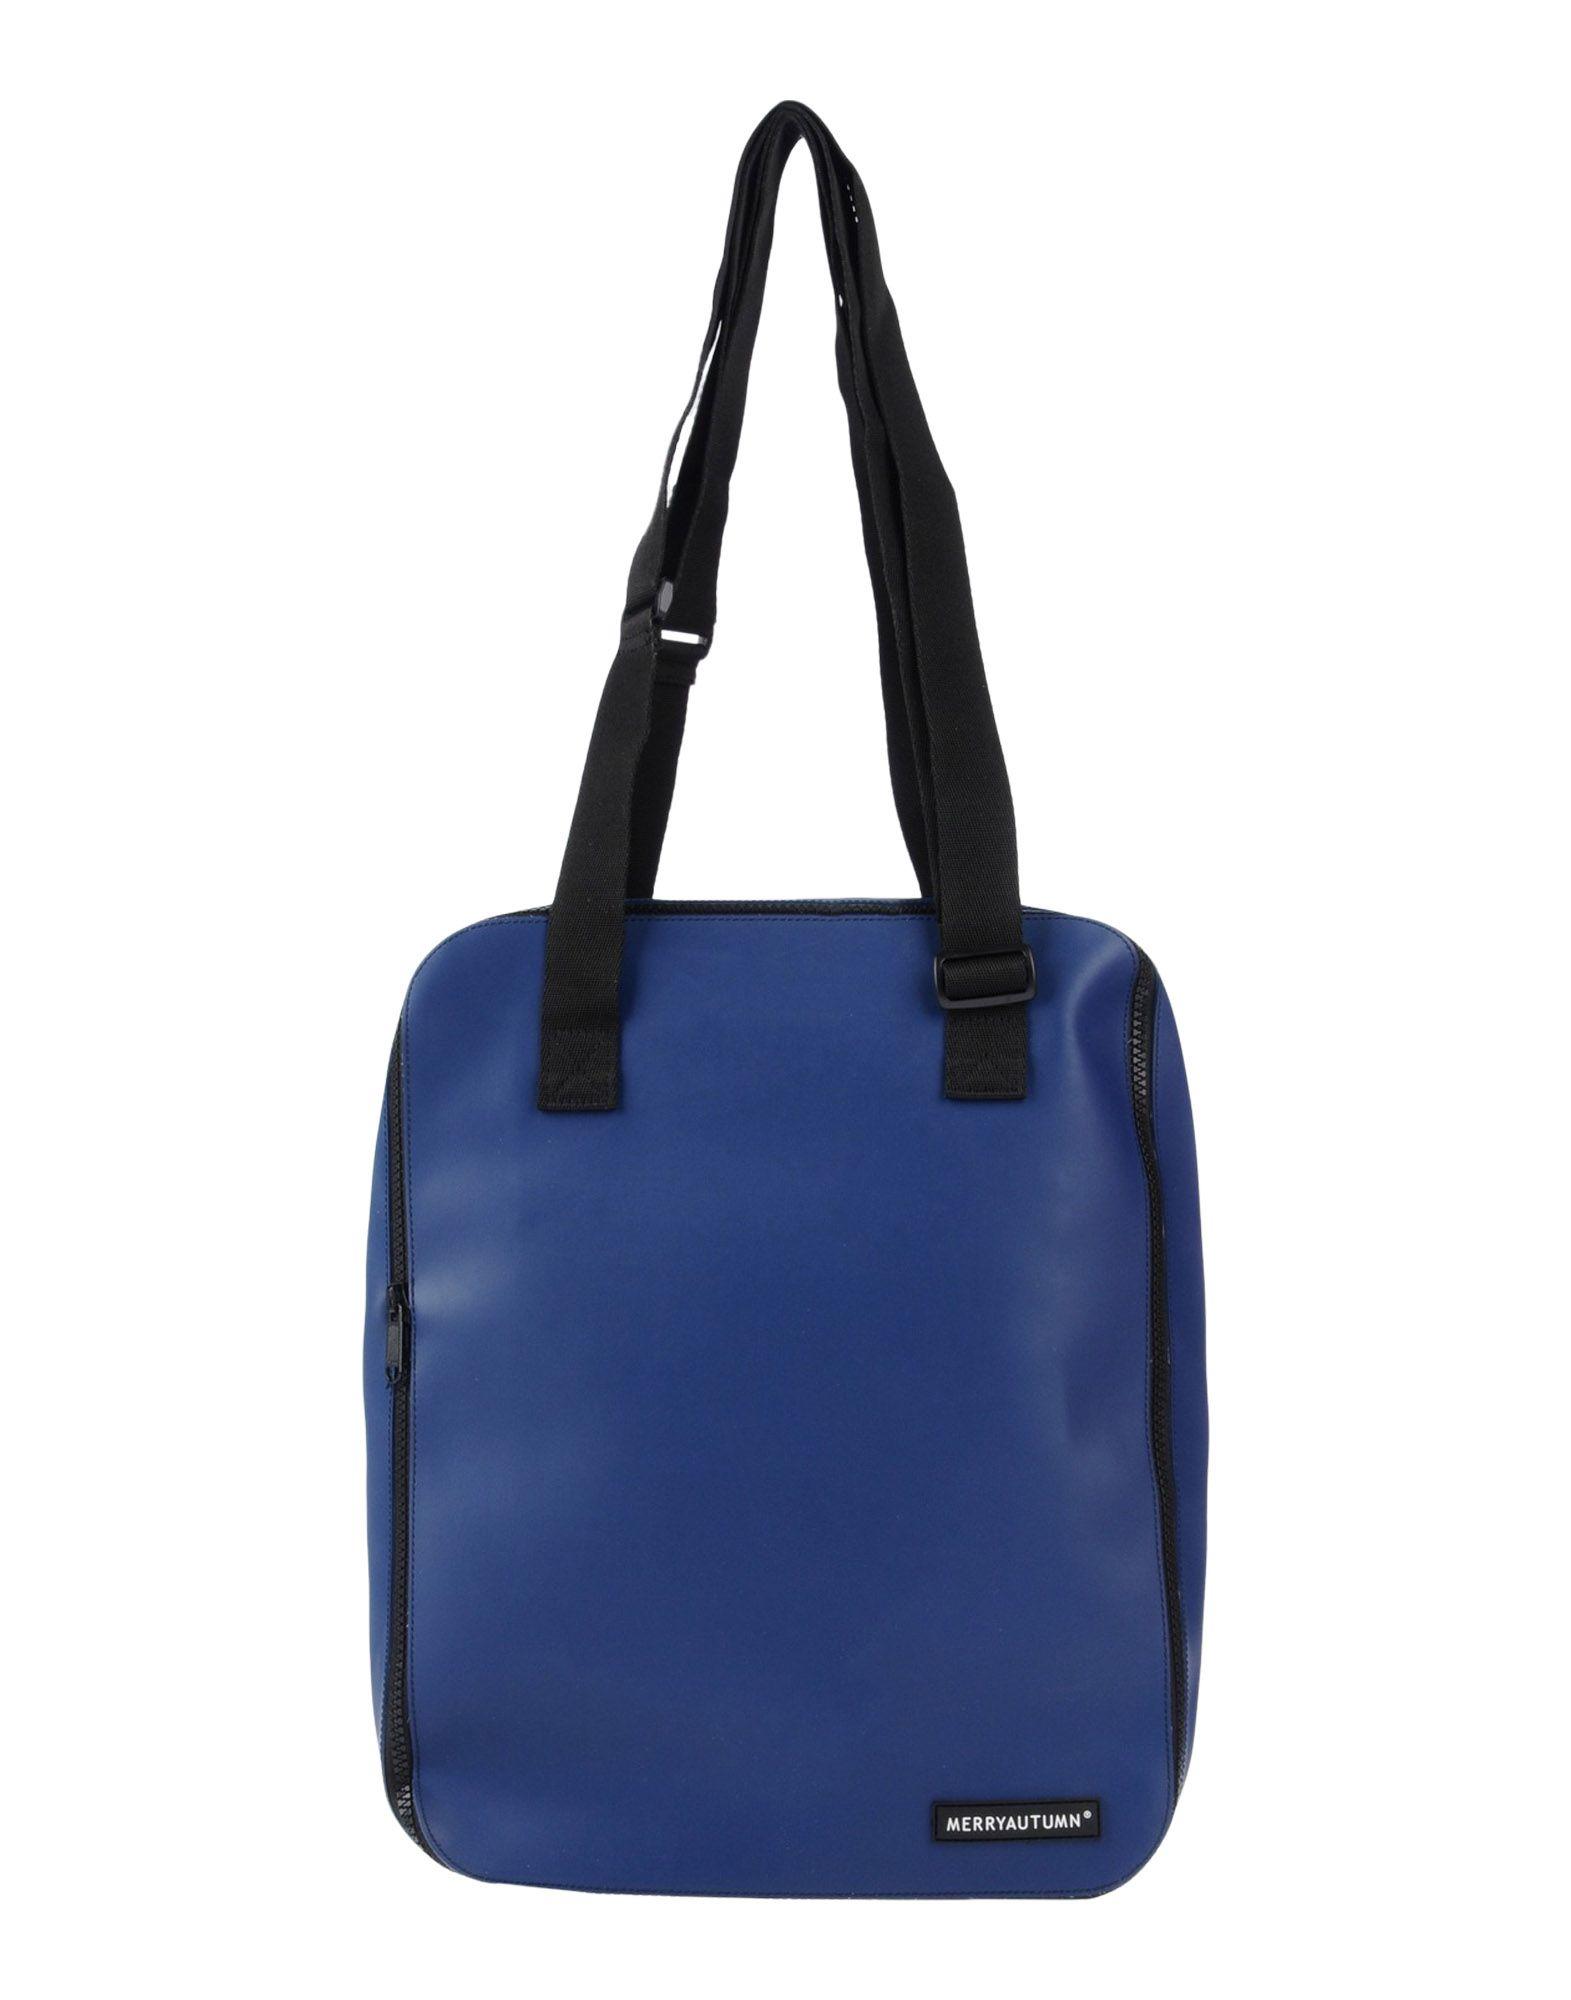 MERRY AUTUMN Сумка через плечо этель еще сладкий цвета джокер лук квадрат случайных улица baodan женщин плечо сумка